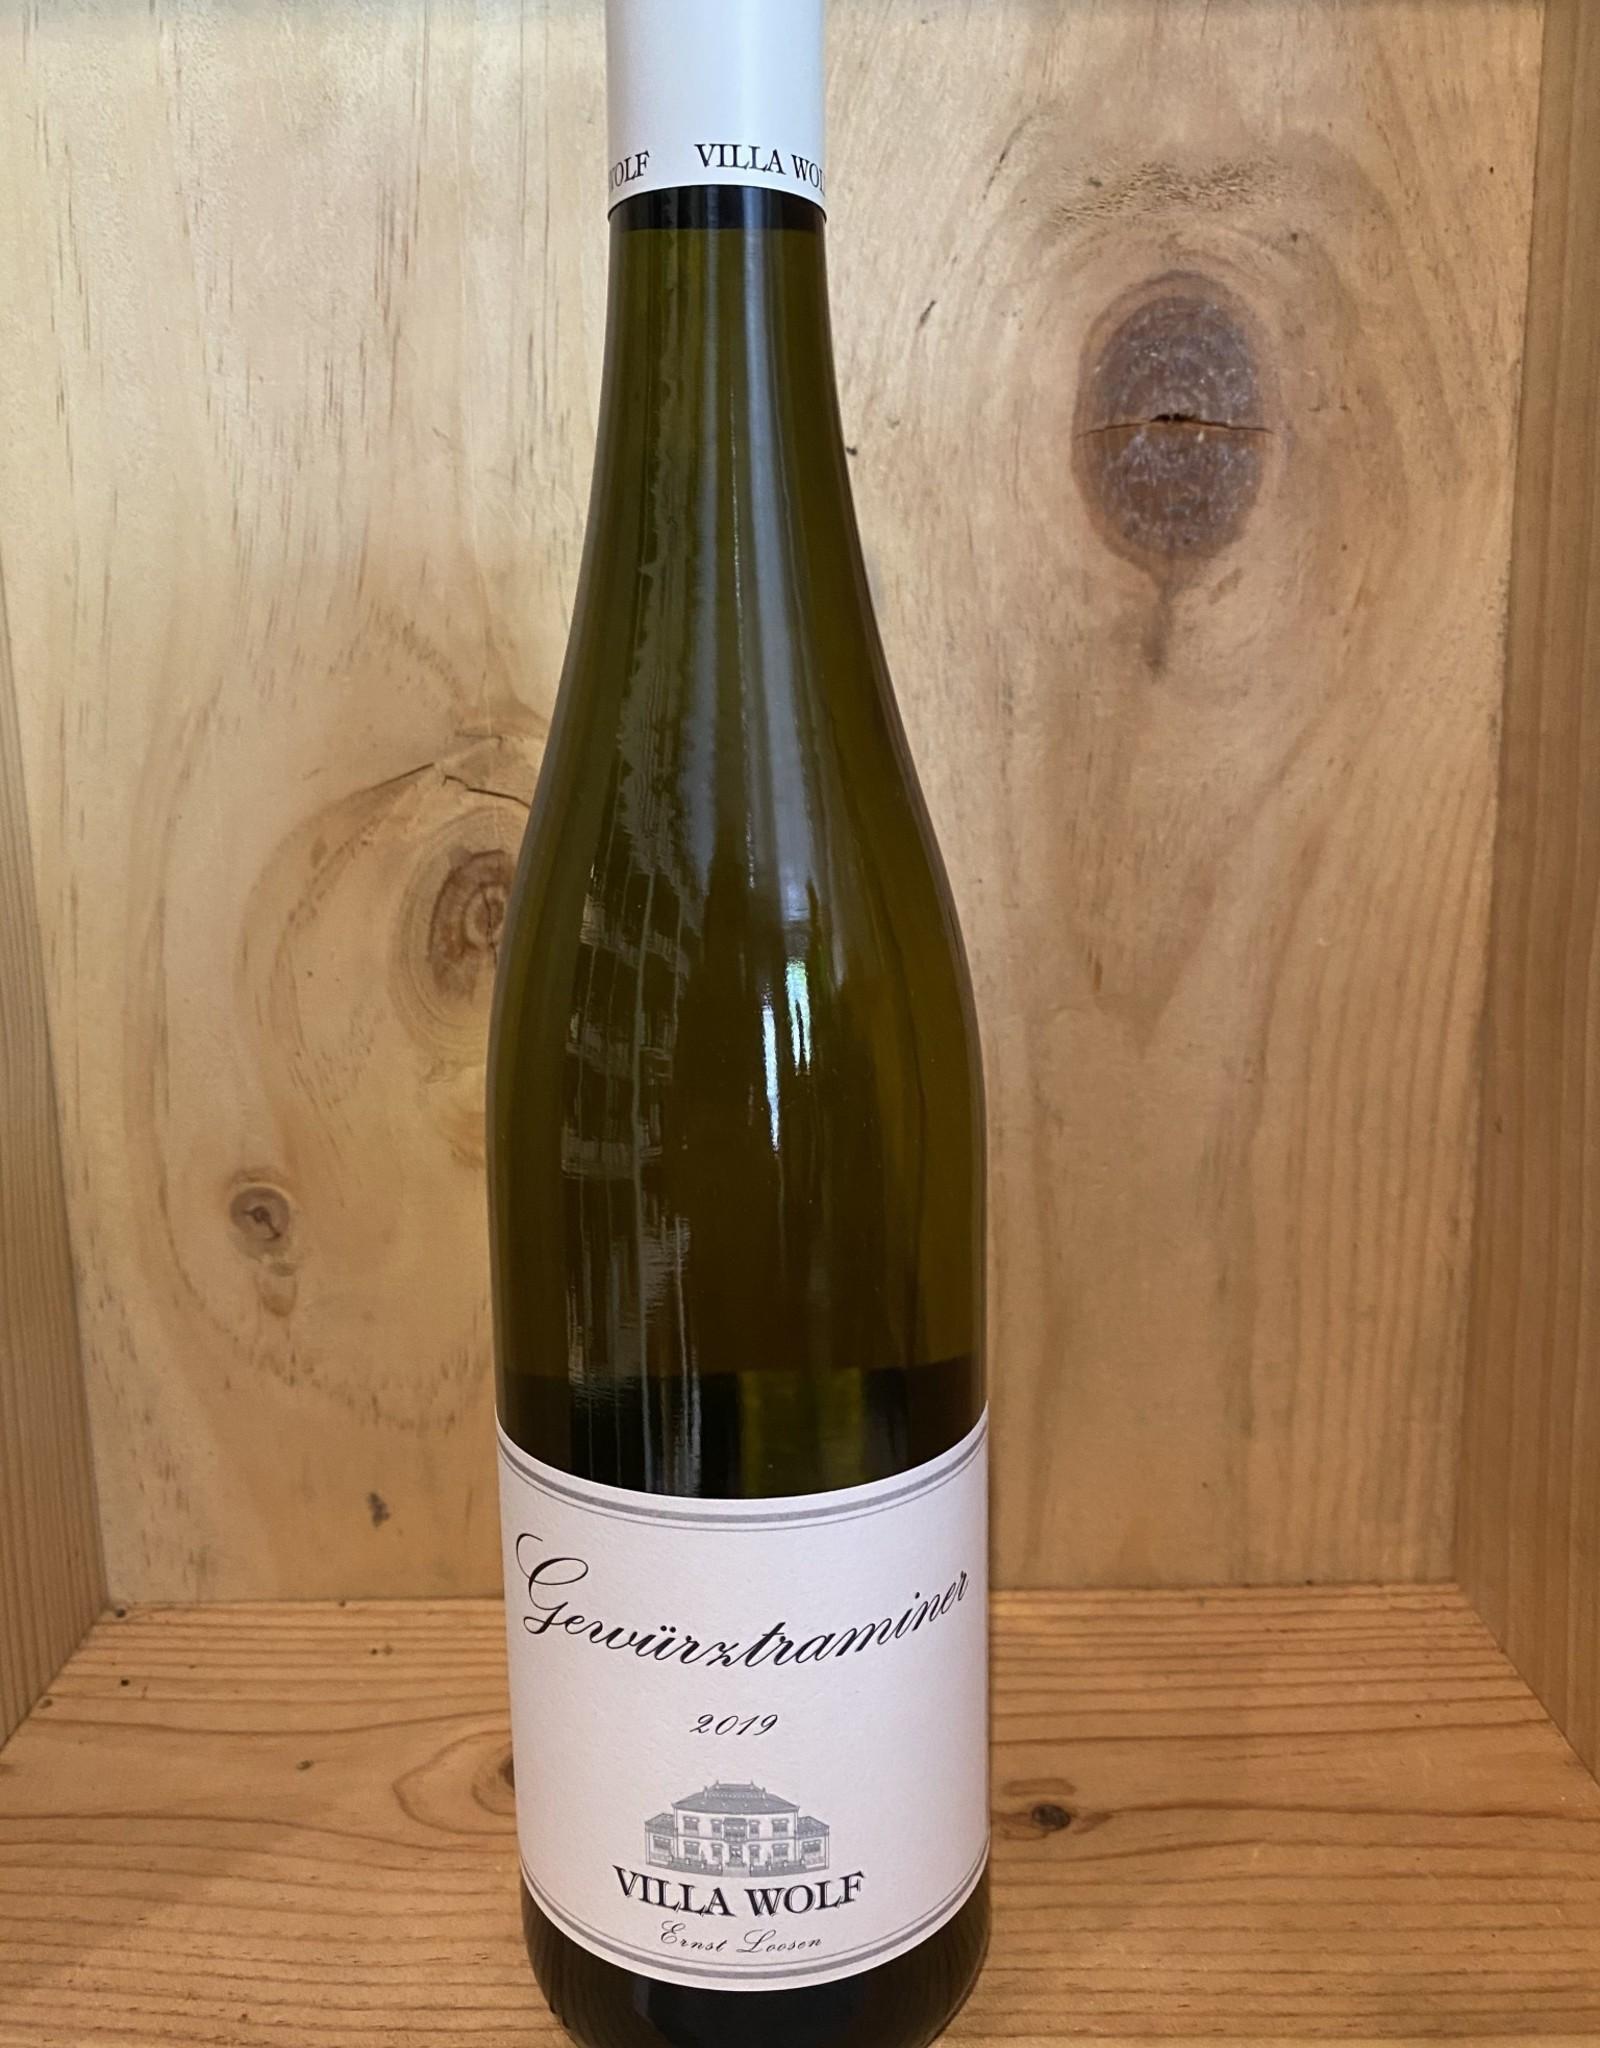 Wine-White Gewurtztraminer, Pfalz, Villa Wolf 2019